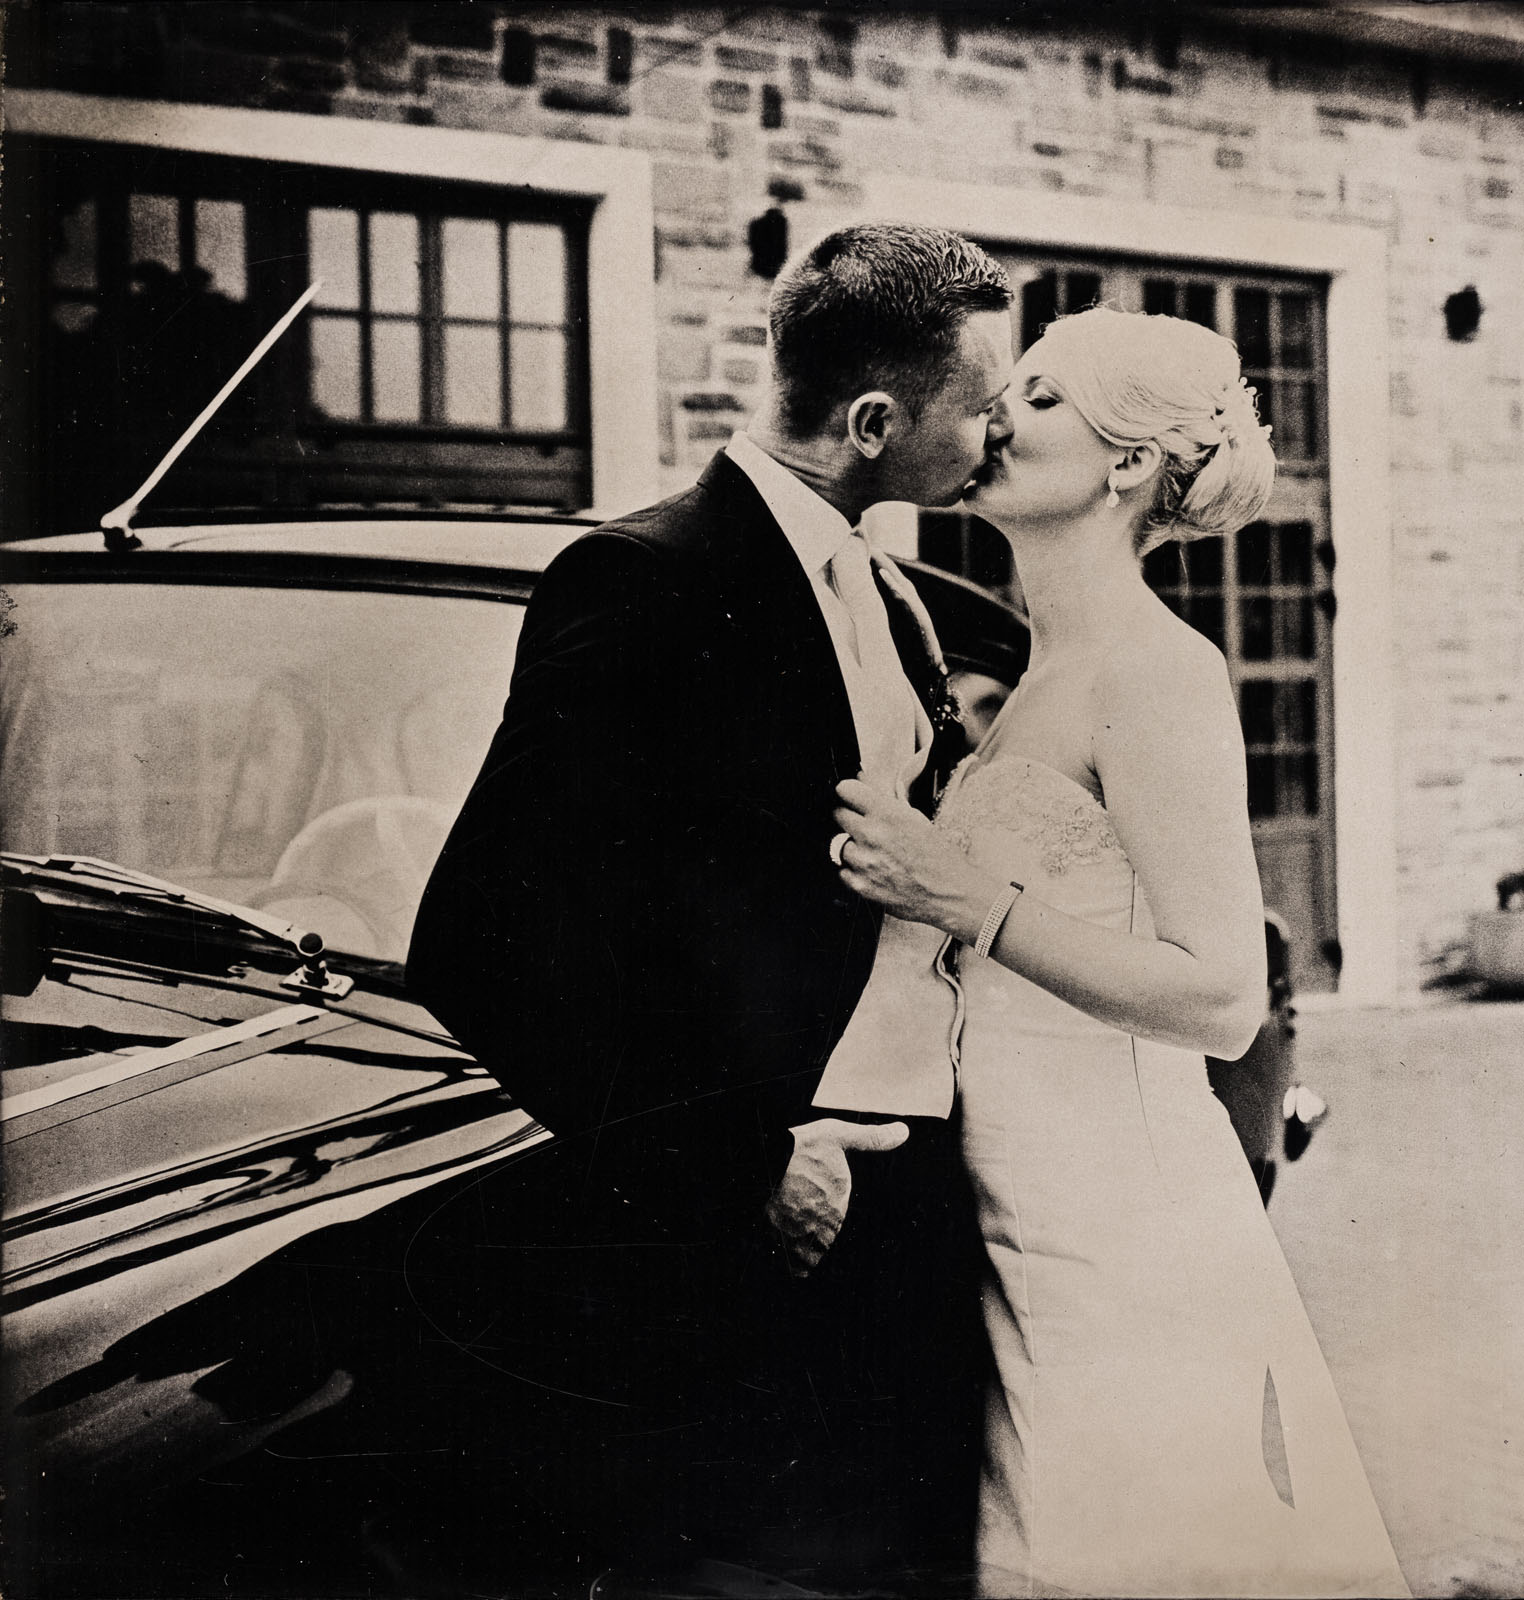 Wedding Andrey + Patrycja - By:Marius Kurek